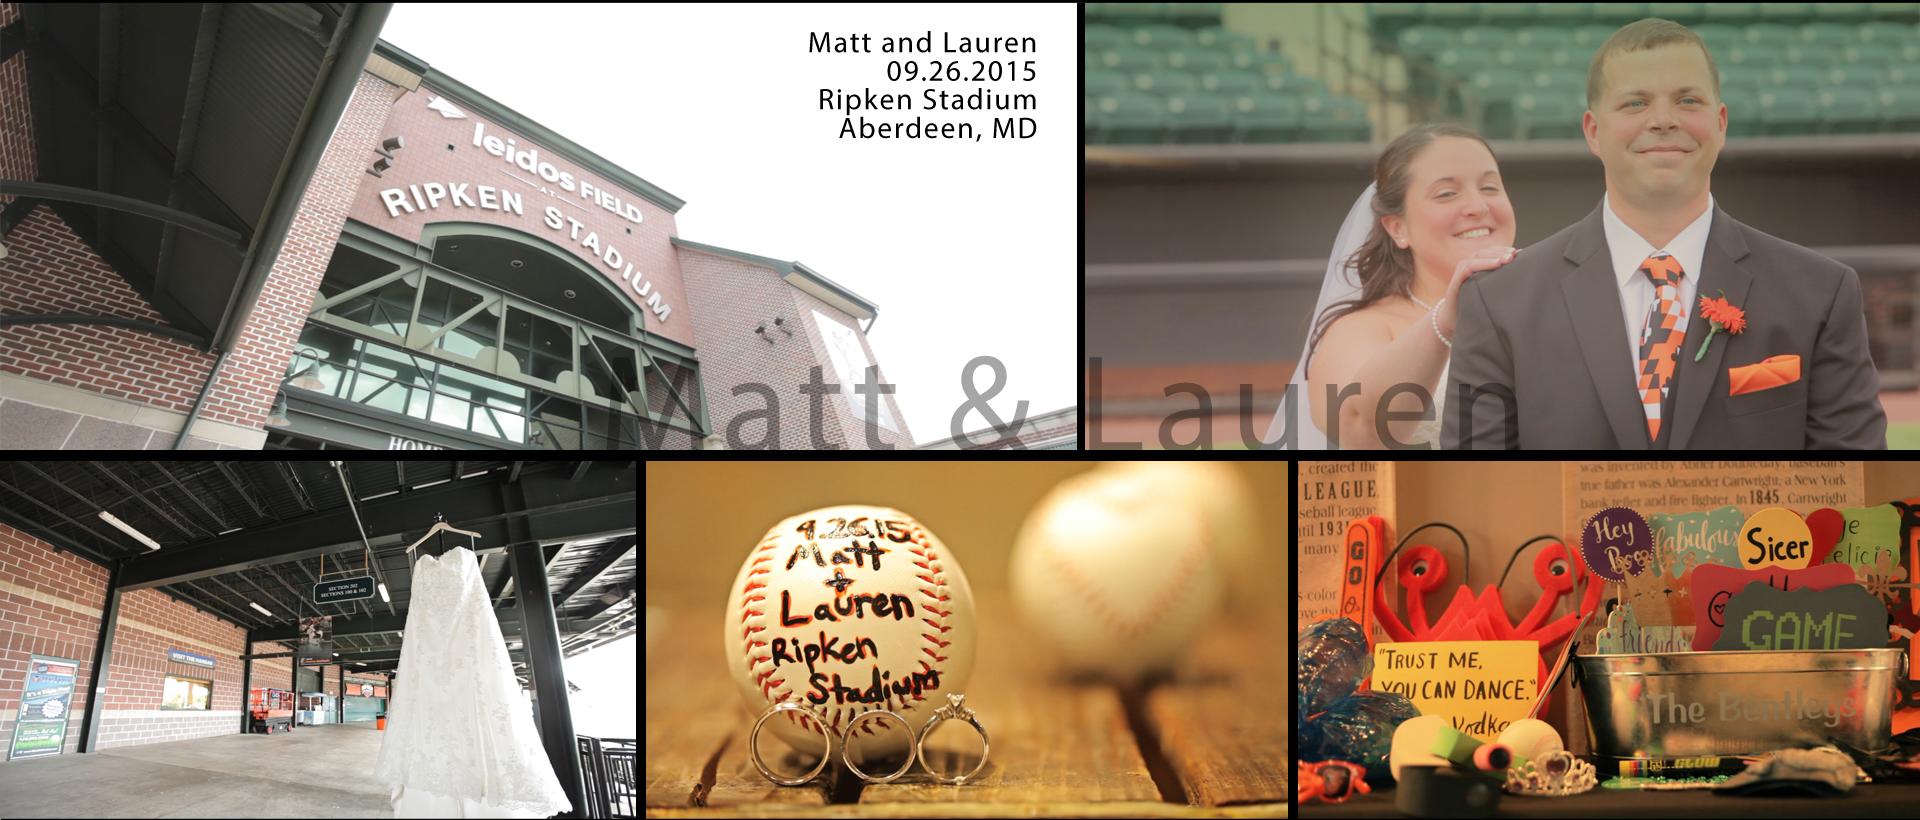 Matt + Lauren | Aberdeen, Maryland | Ripken Stadium